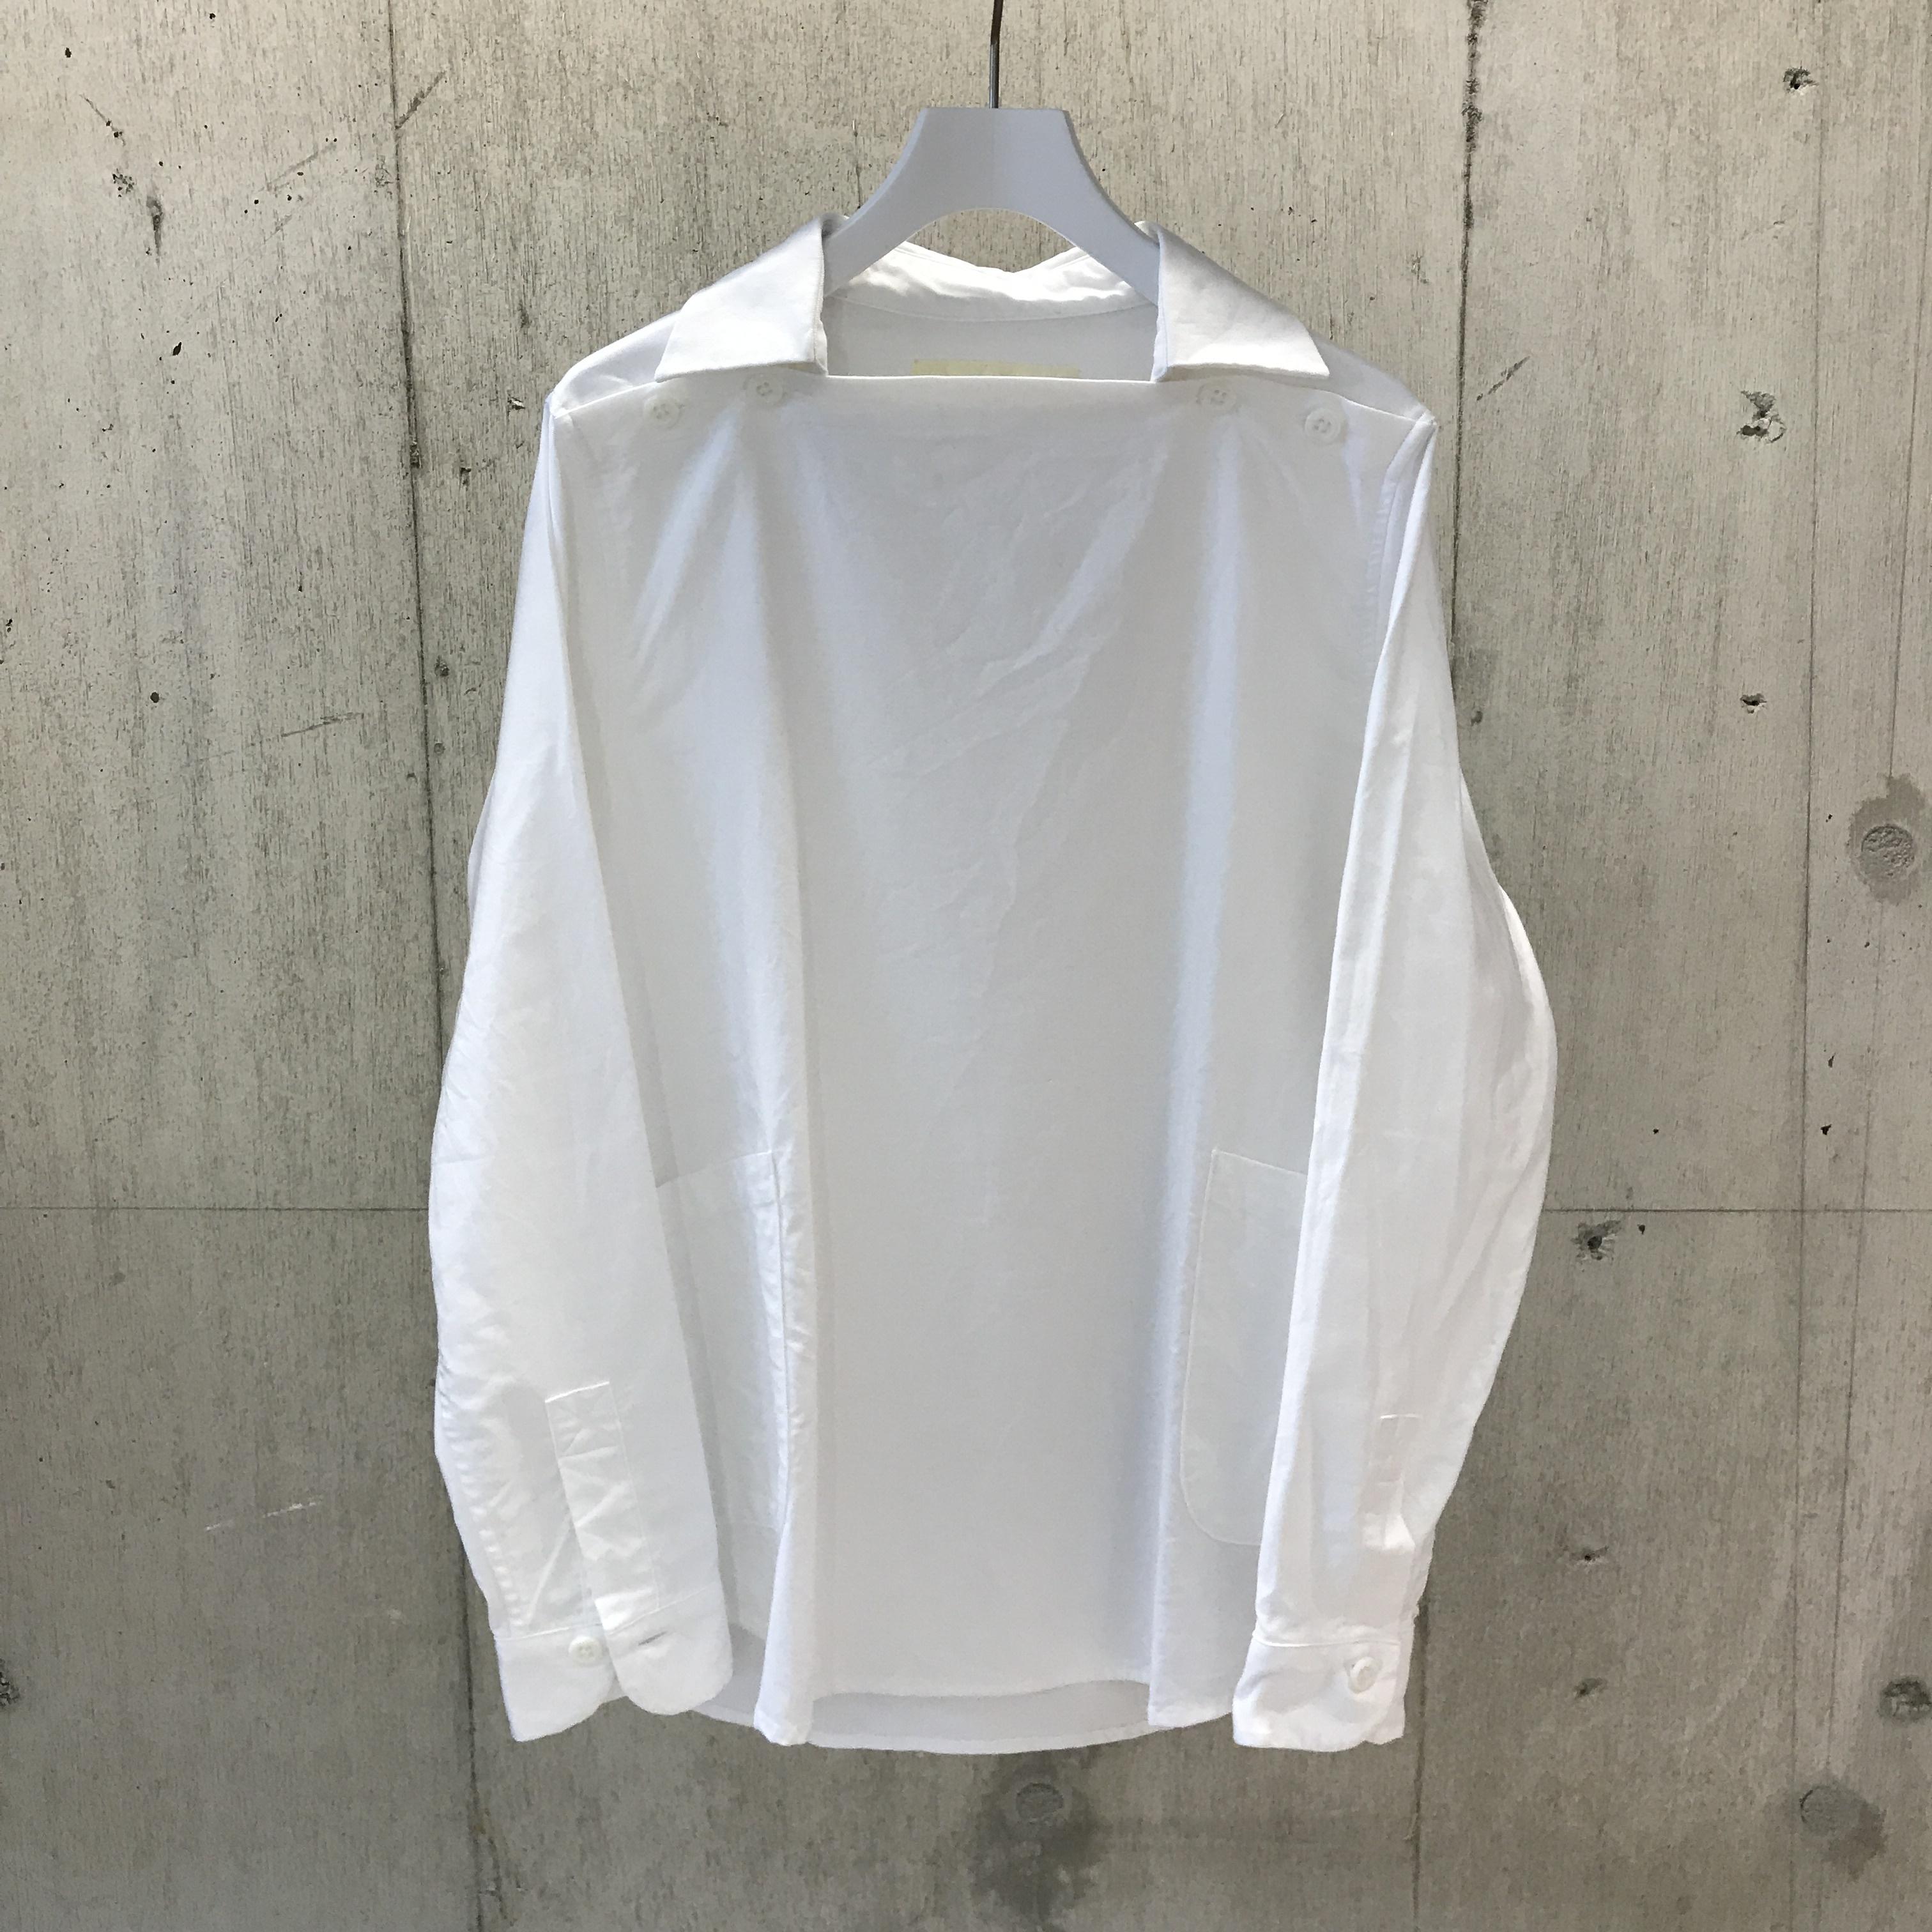 nisica デッキマンシャツ WHITE